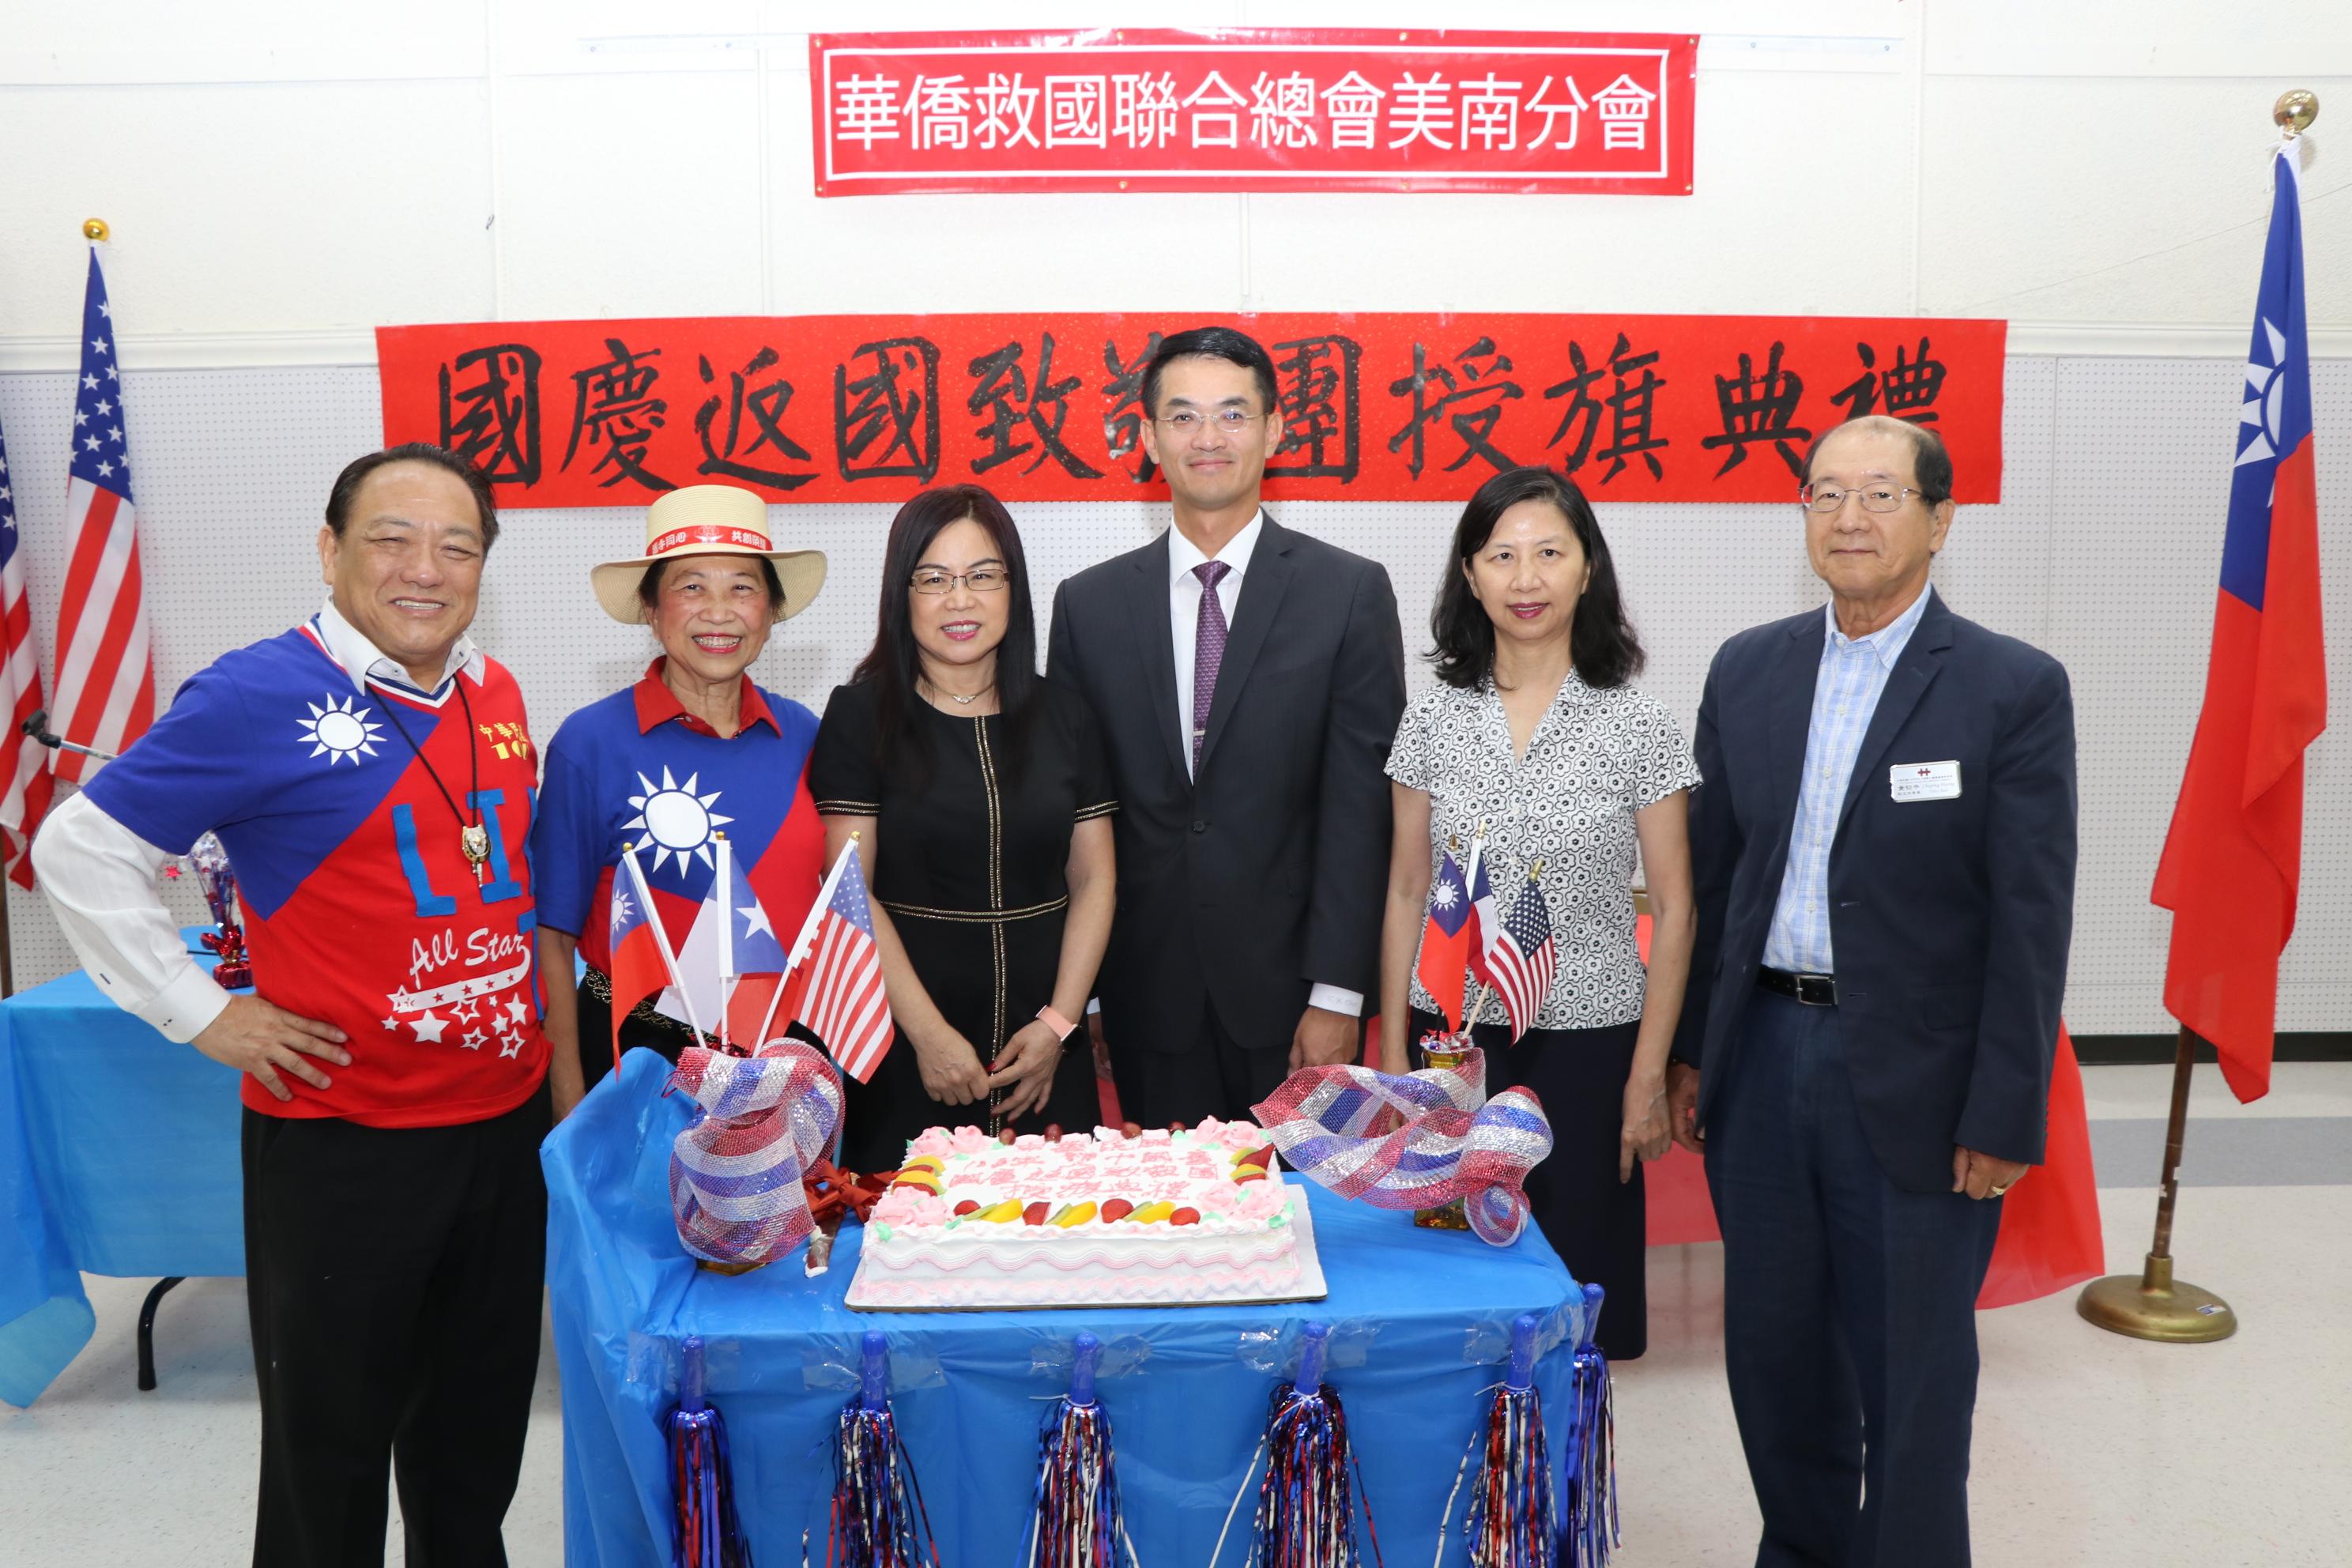 賴清陽(左起)、賴李迎霞、黃春蘭、陳家彥、陳奕芳、黃初平等共同切蛋糕為中華民國慶生。